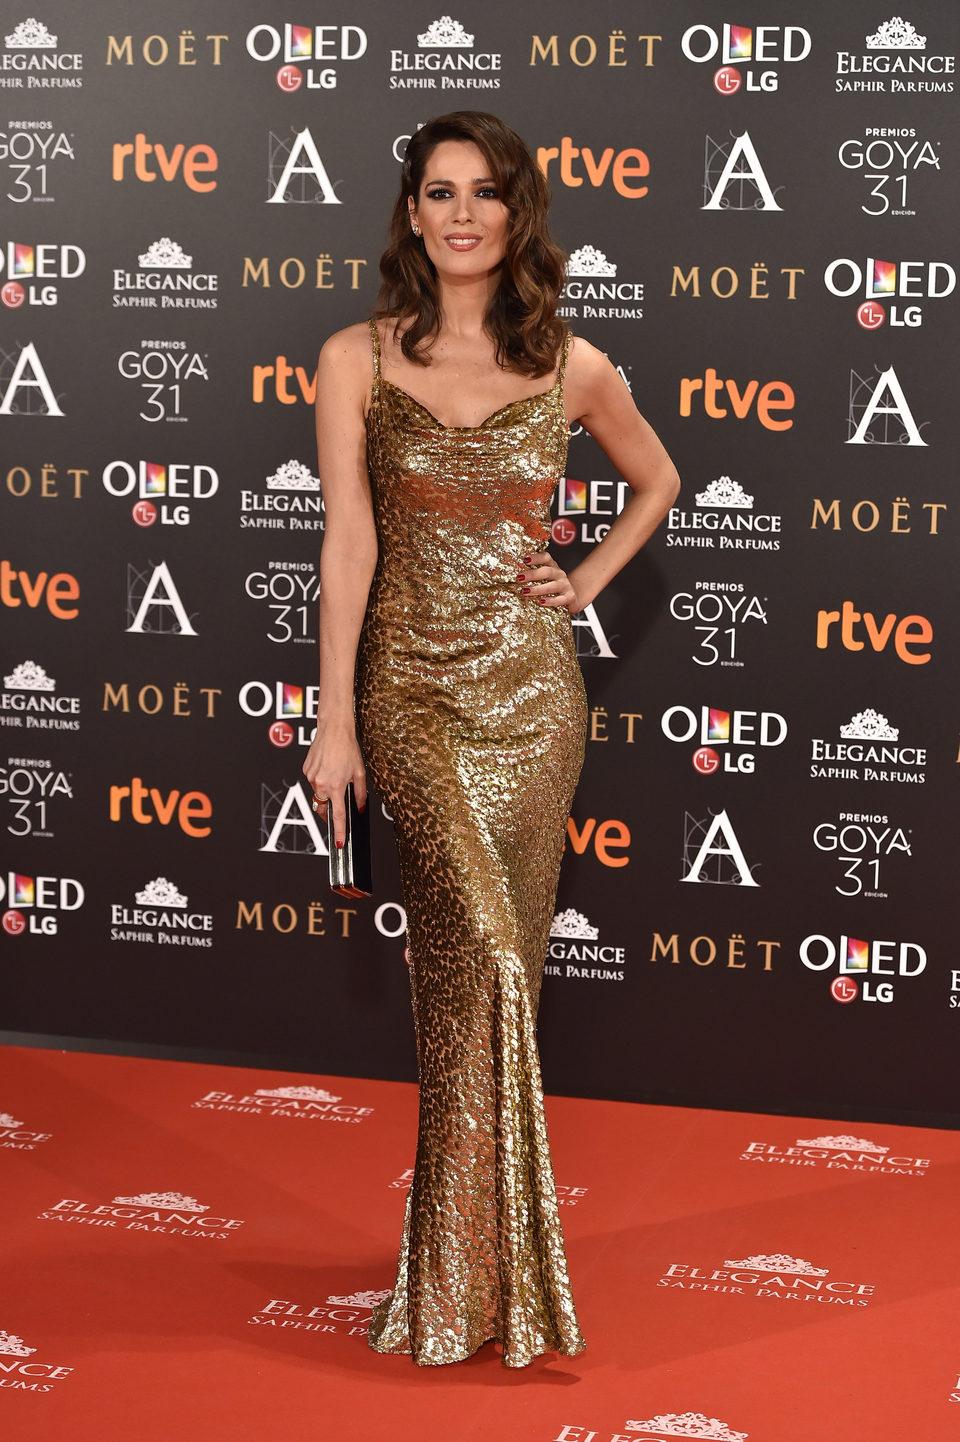 Mar Saura en la alfombra roja de los Premios Goya 2017